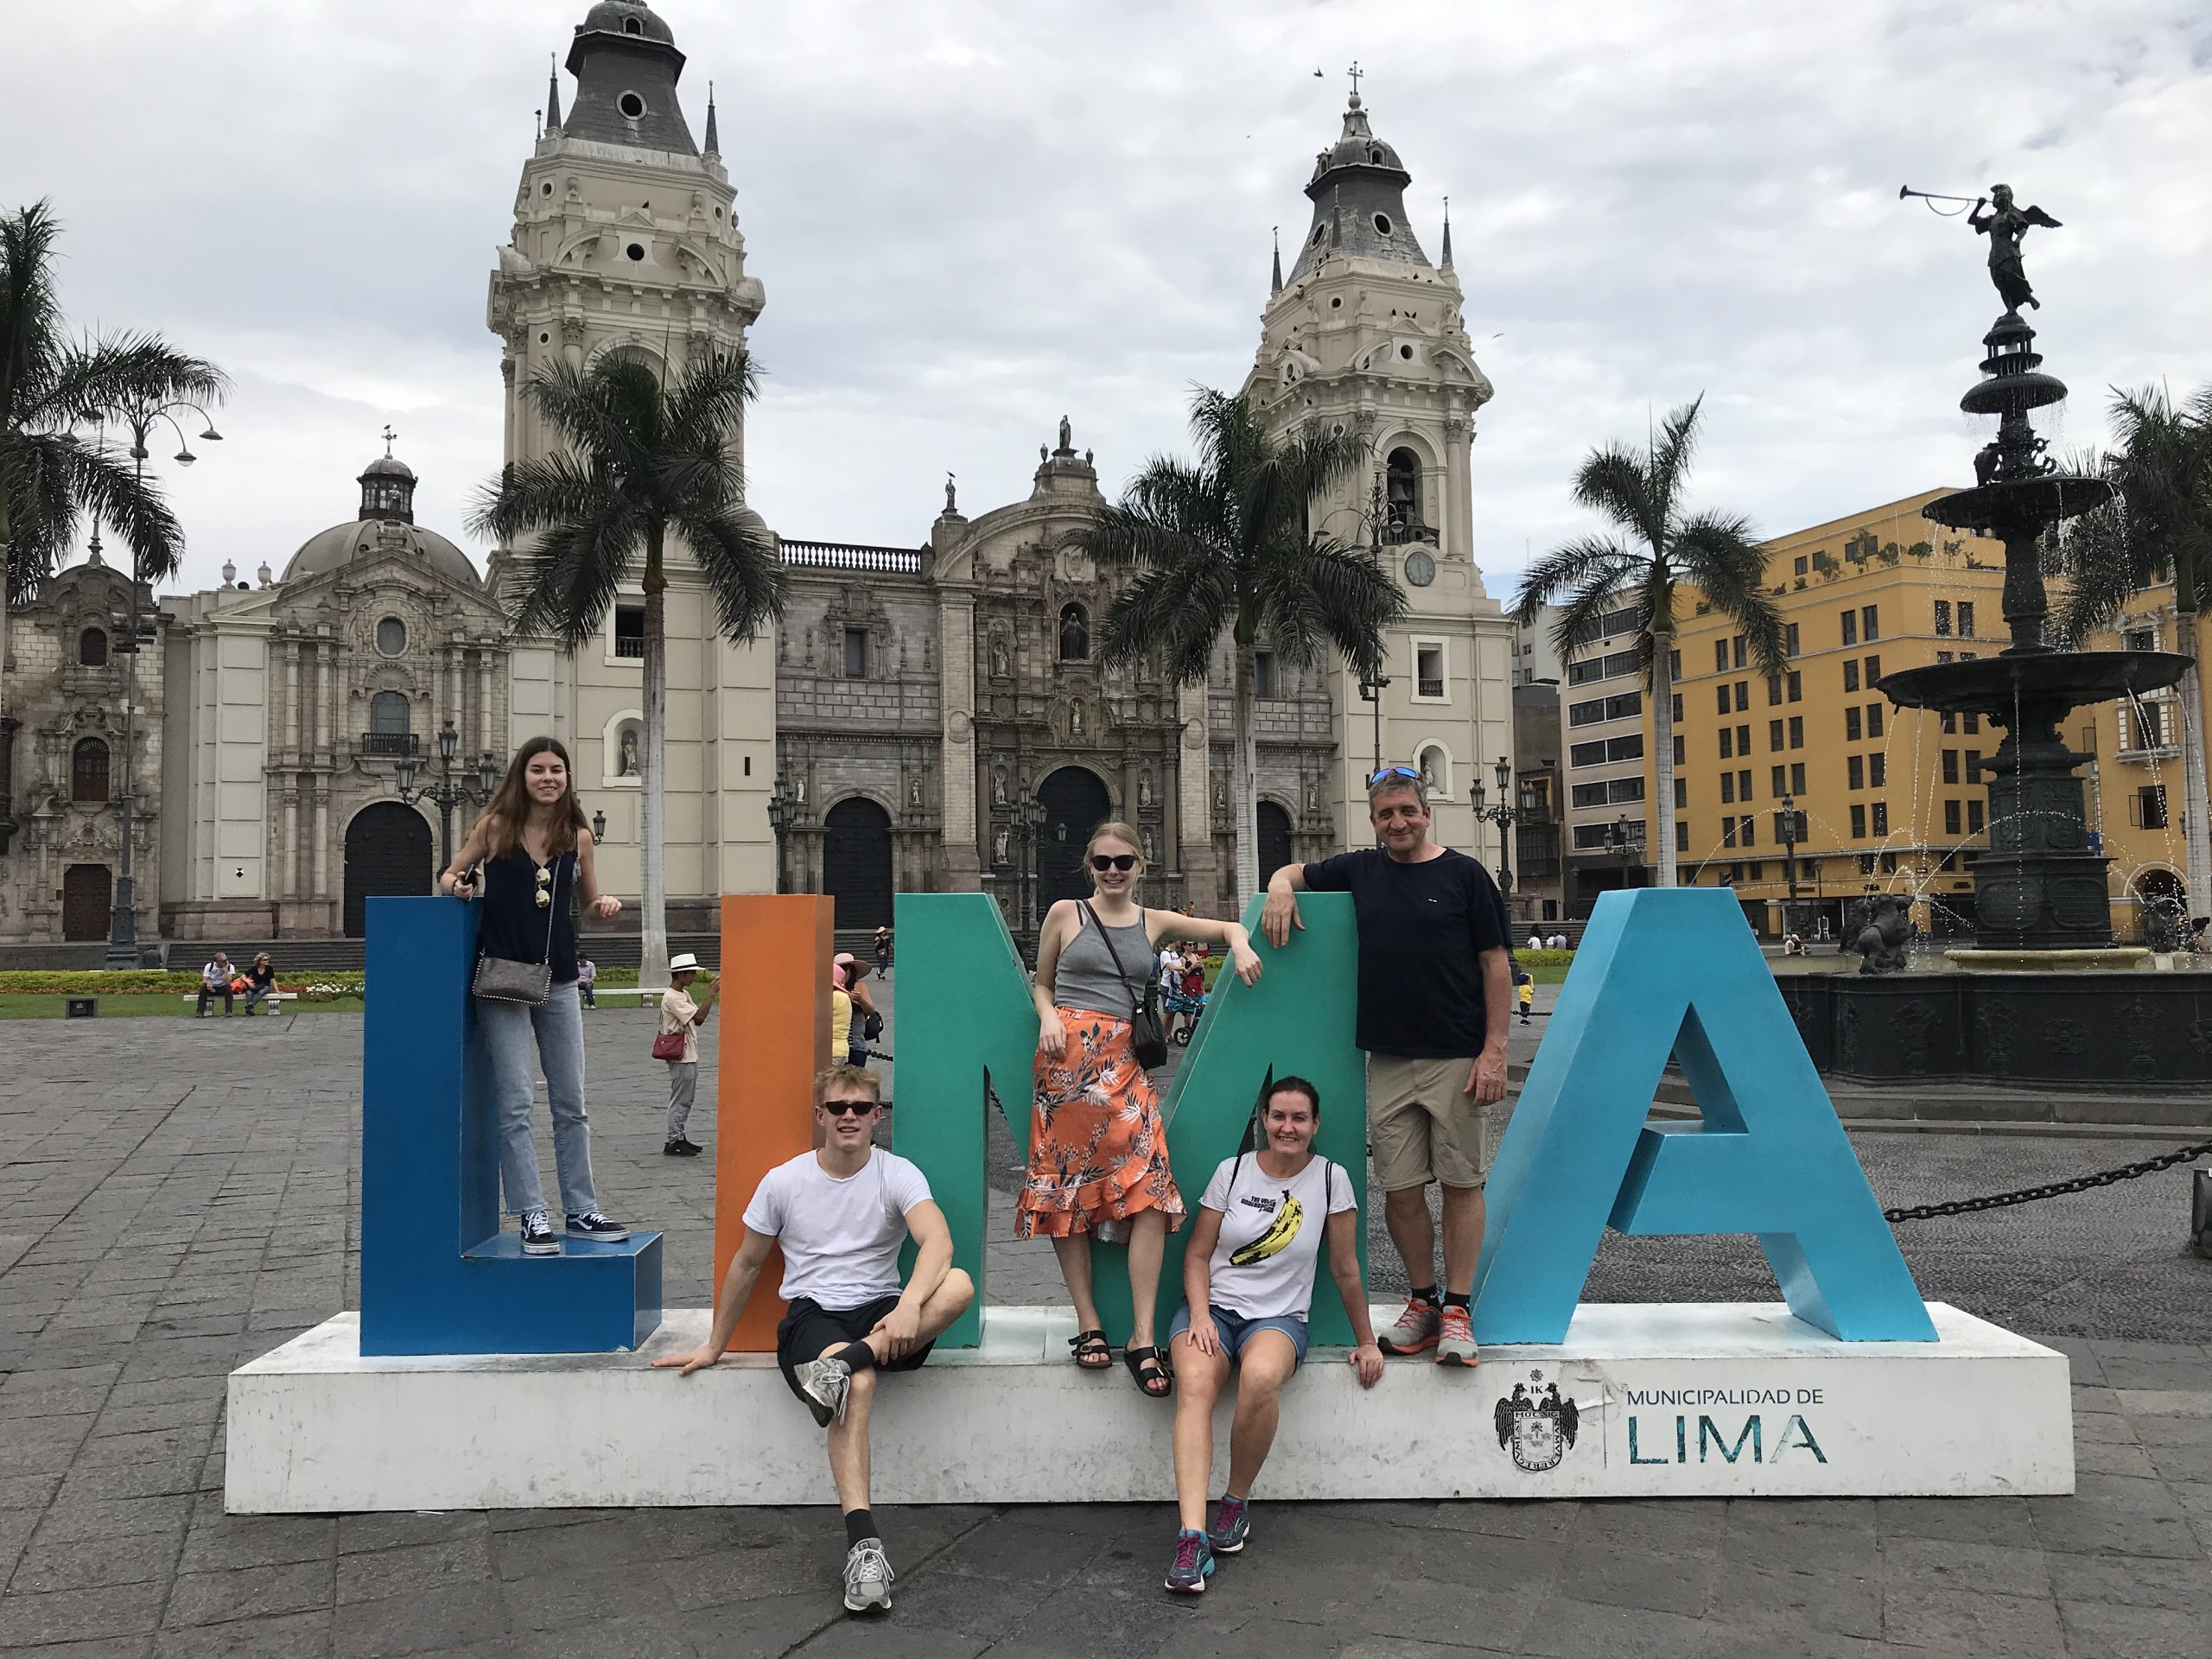 Sydamerikanske Peru er det land med flest strandede danskere, 248 ifølge Udenrigsministeriet, der arbejder for at få et særfly til Peru, men det er meget besværligt, så hvornår vides ikke. Her privatfoto fra tidligere i år med blandt andet danske turister i Perus hovedstad, Lima. Foto: Ole Egholm.